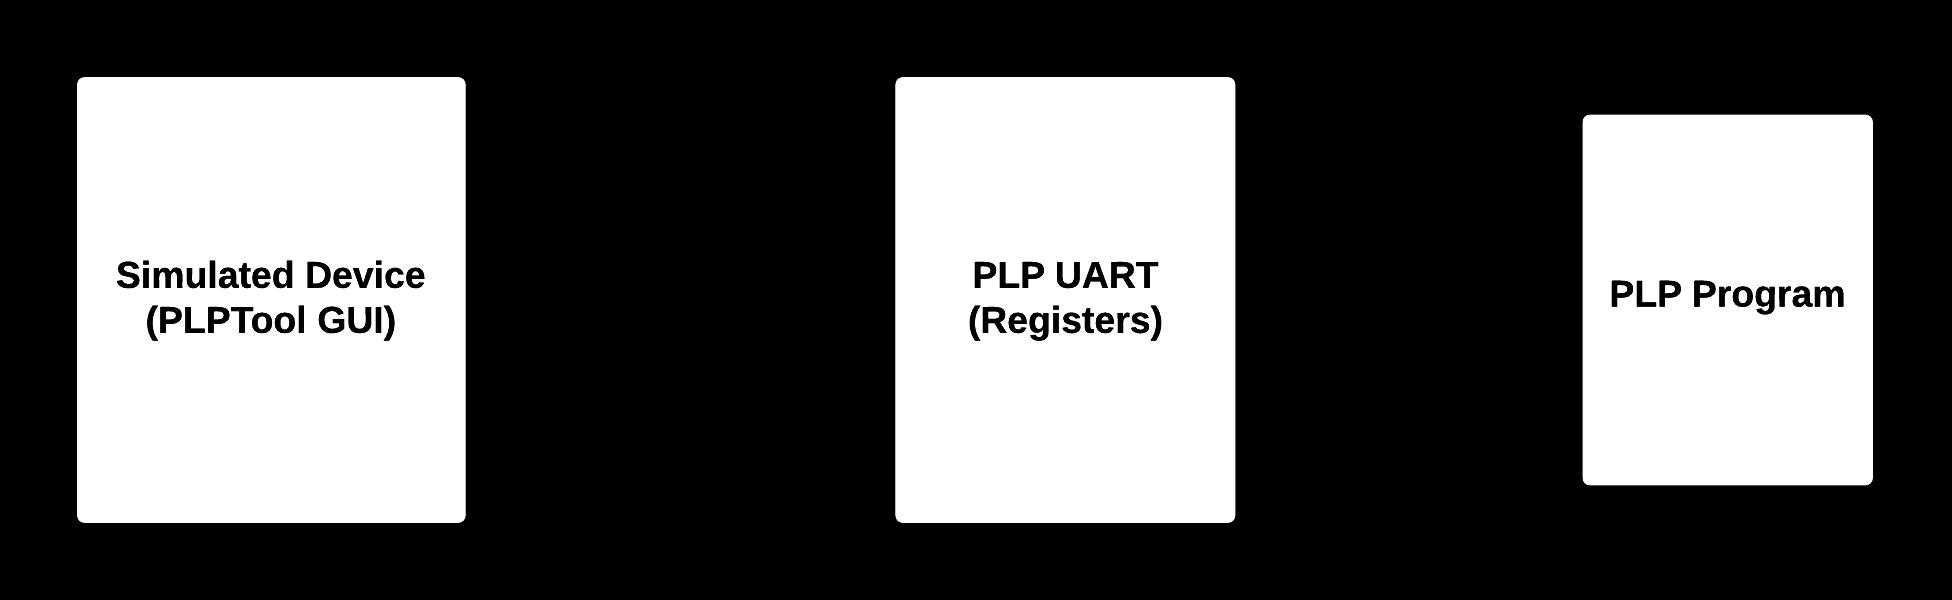 PLP Implementation | PLP